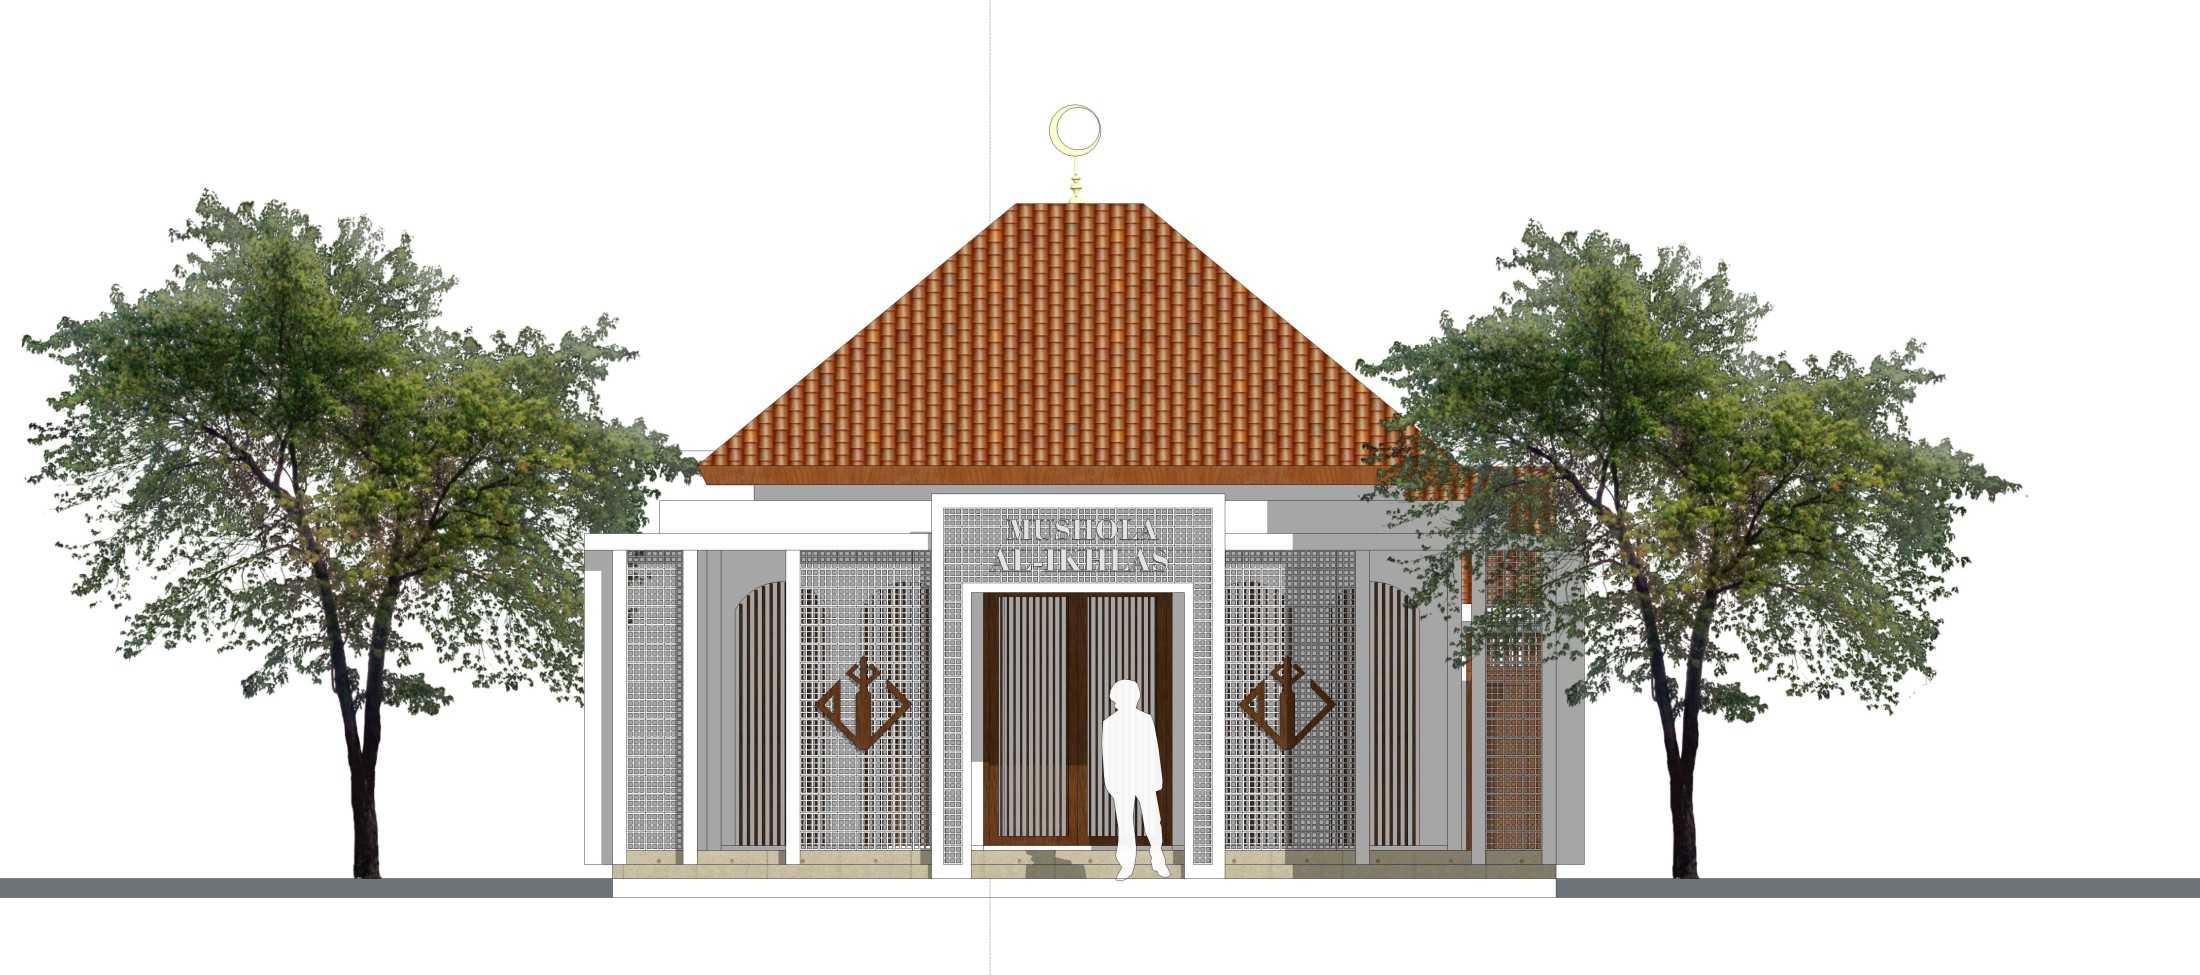 Madinputra Architects Musholla Al-Ikhlas, Semarang Semarang, Kota Semarang, Jawa Tengah, Indonesia Semarang, Kota Semarang, Jawa Tengah, Indonesia Madinputra-Architects-Musholla-Al-Ikhlas-Semarang  124484